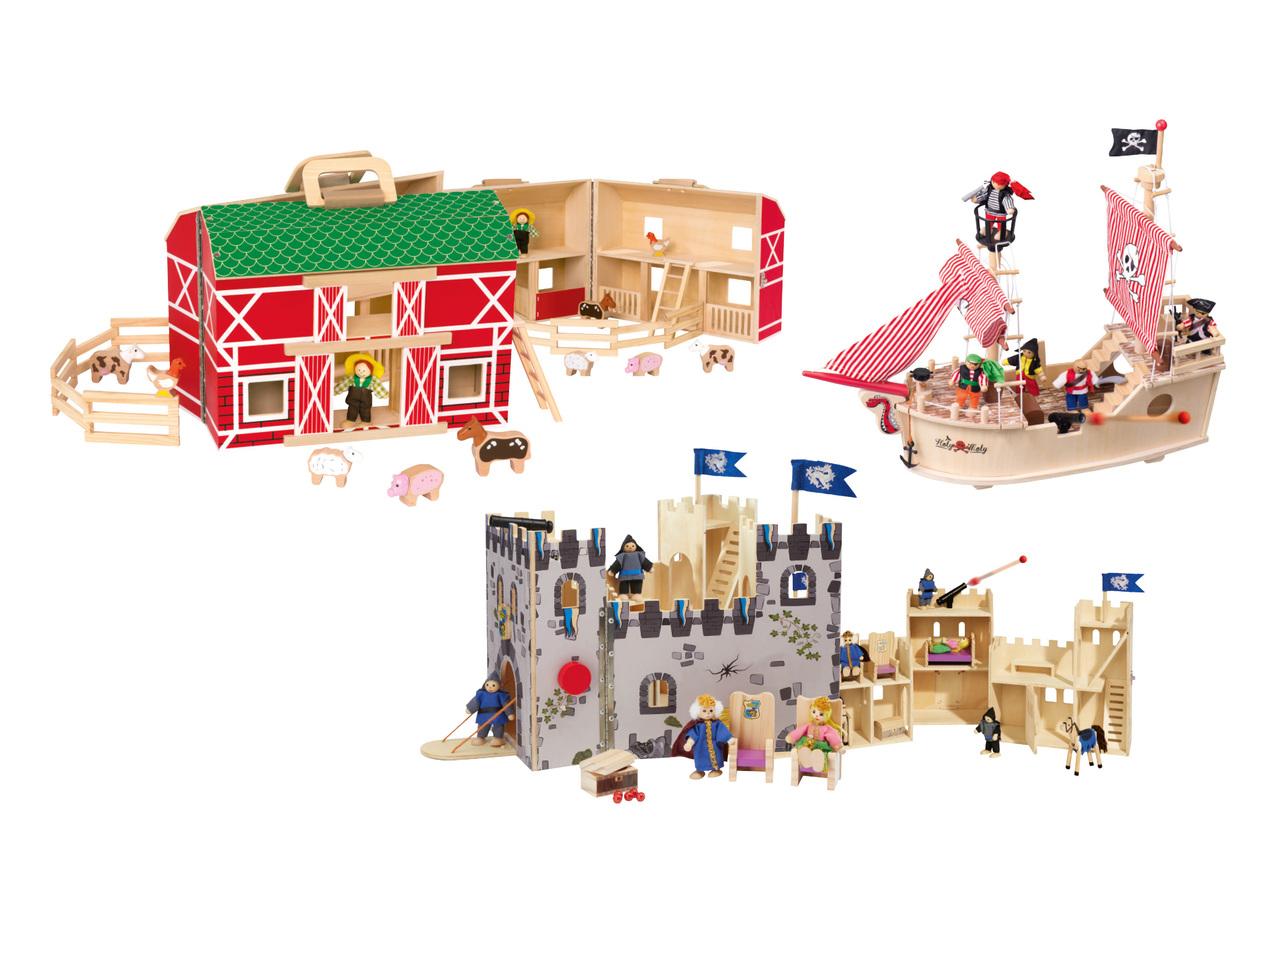 houten speelsets 2999 - Geweldig (budget!) houten speelgoed tips voor Sinterklaas